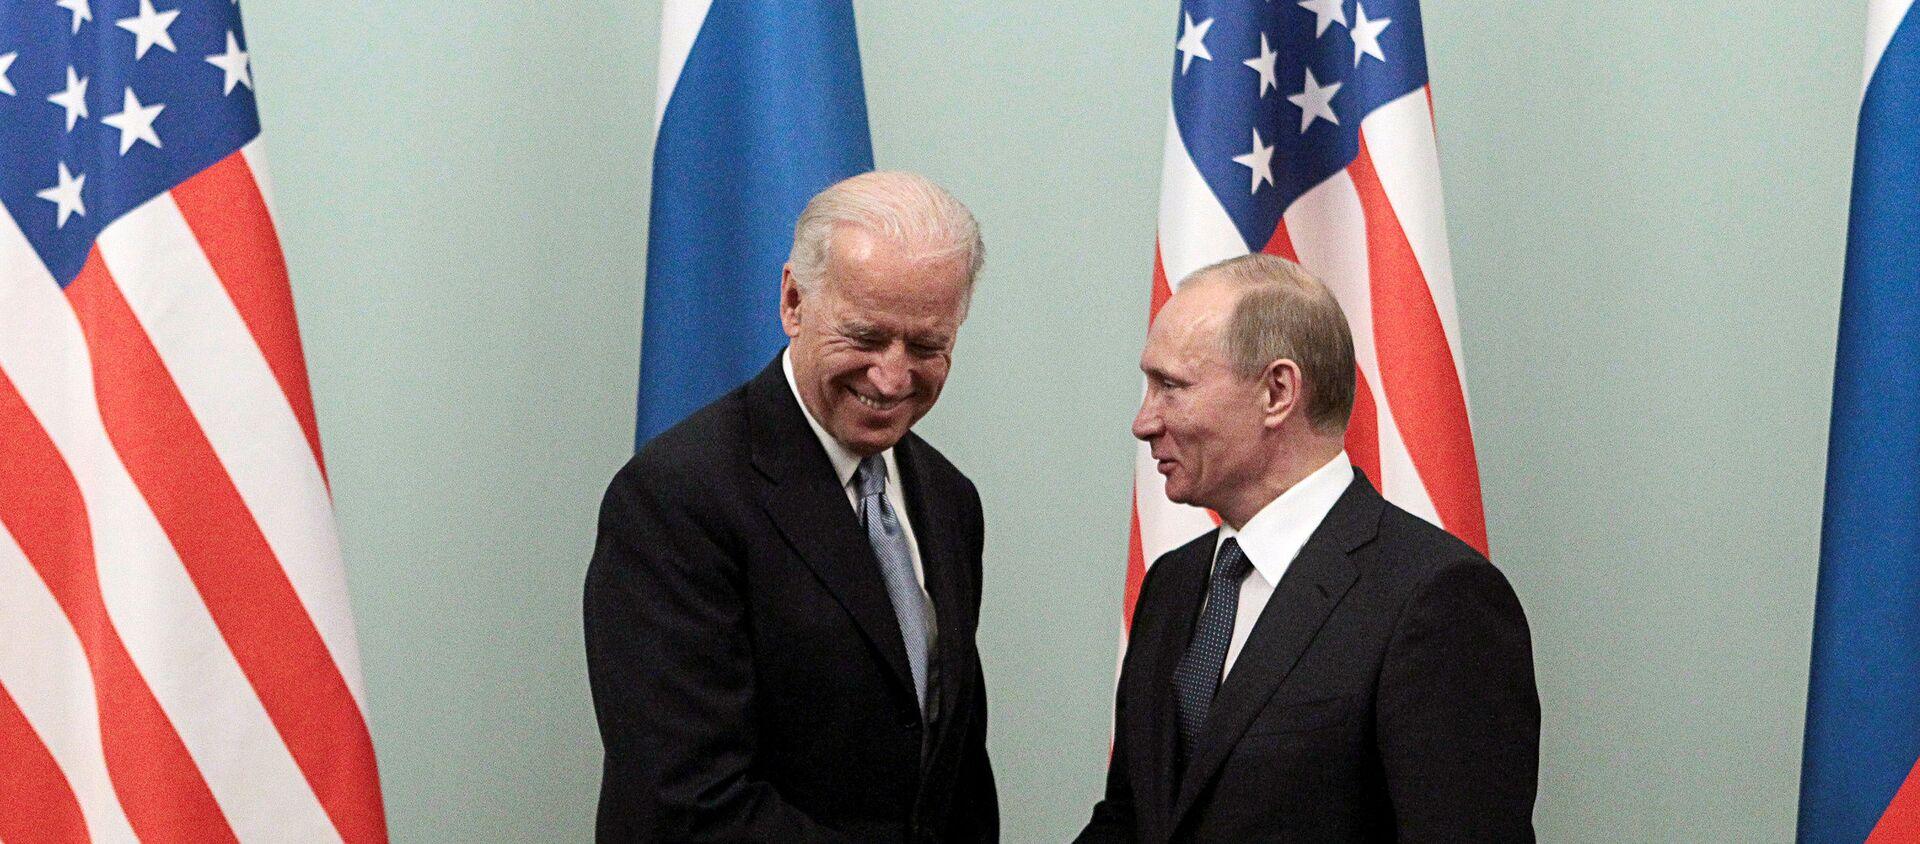 Rusya Devlet Başkanı Vladimir Putin ve ABD Başkanı Joe Biden - Sputnik Türkiye, 1920, 10.06.2021